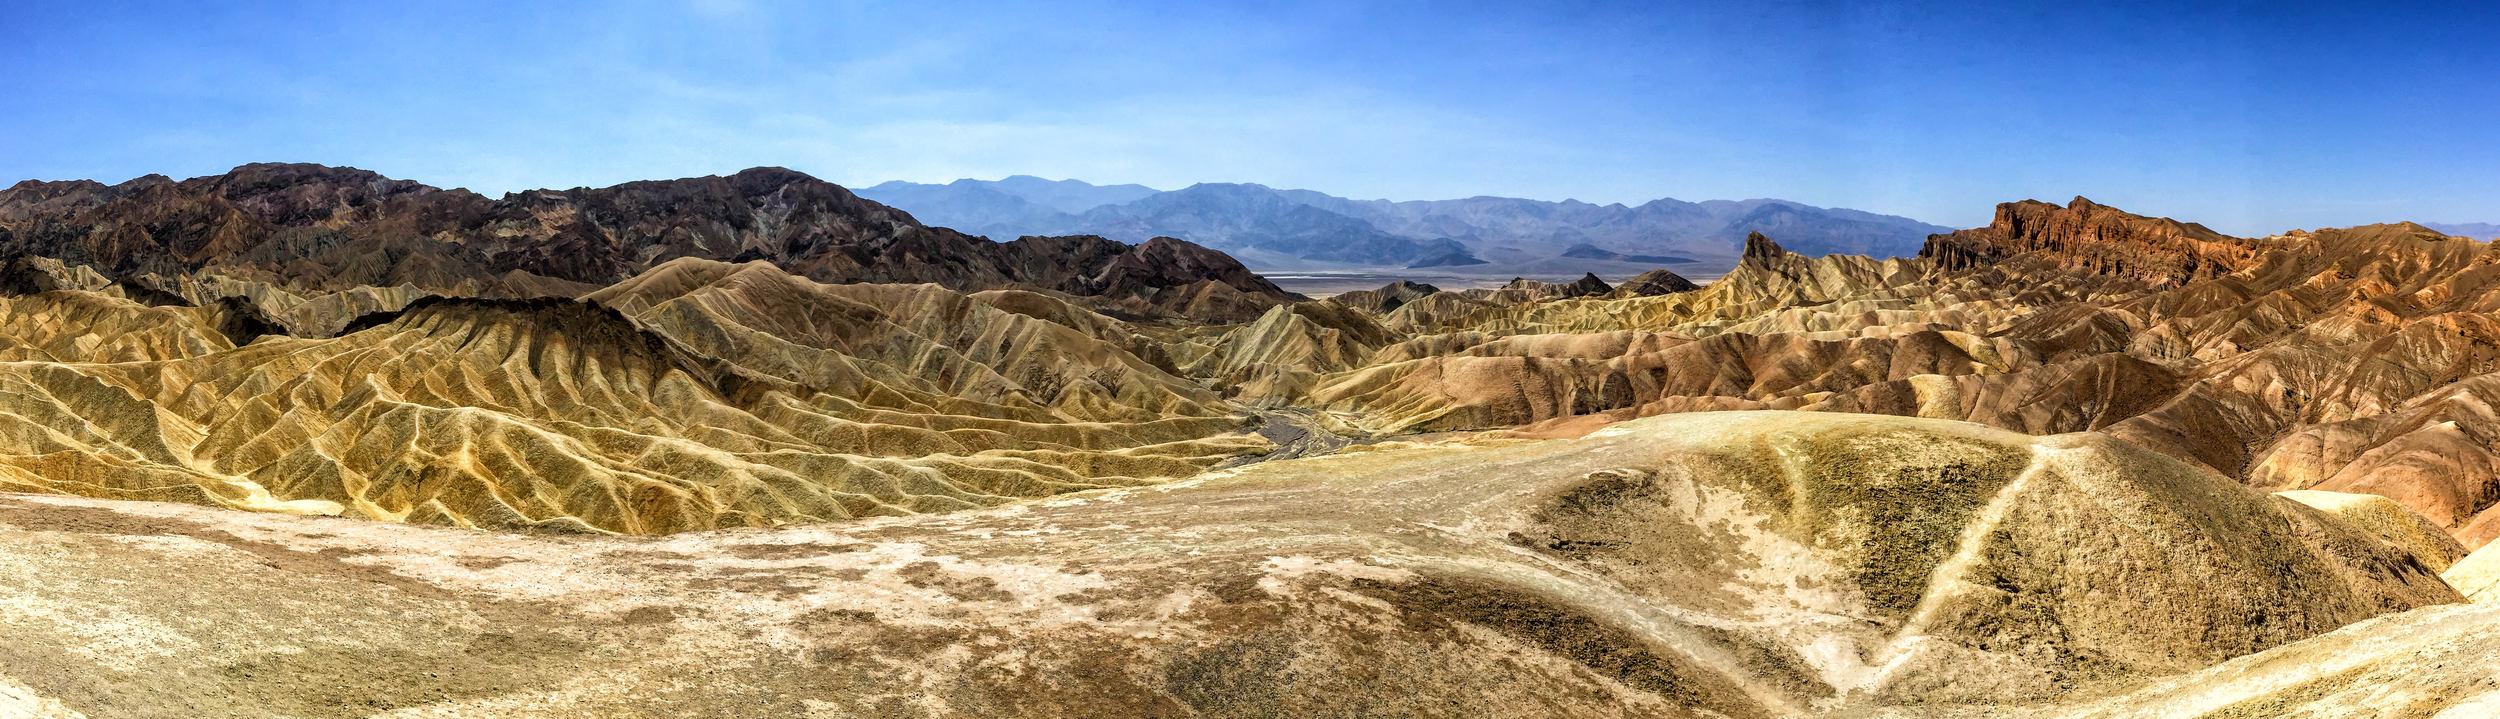 Zabriskie Point panorama